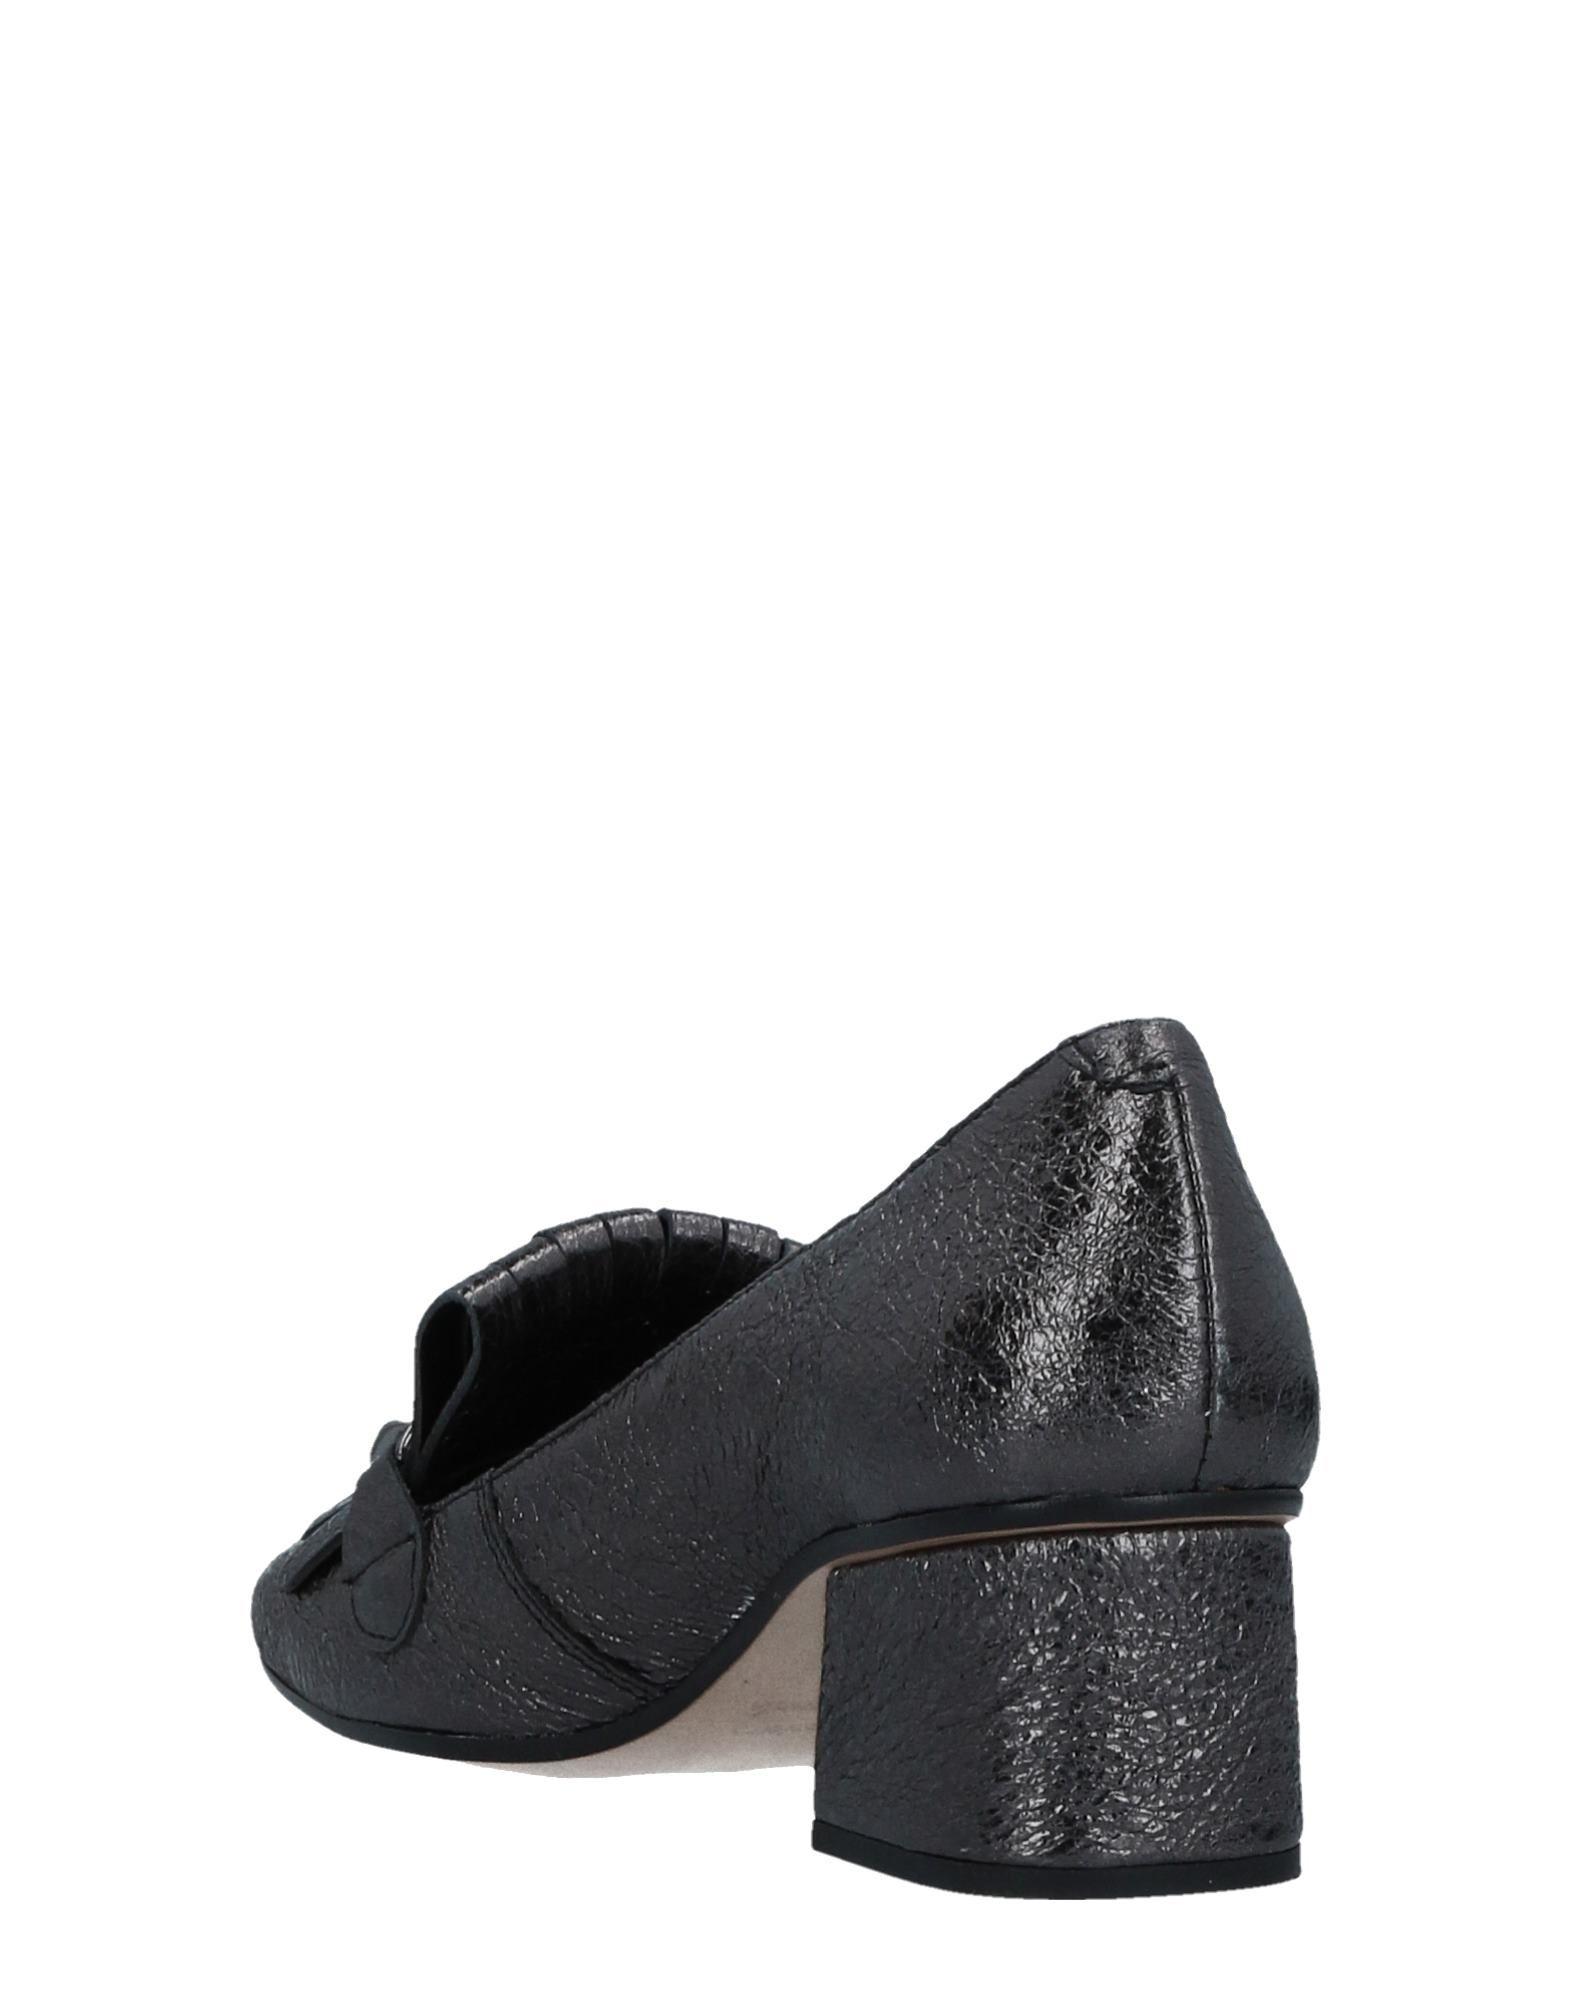 Bagatt 11515236QN Mokassins Damen  11515236QN Bagatt Gute Qualität beliebte Schuhe d34d1f